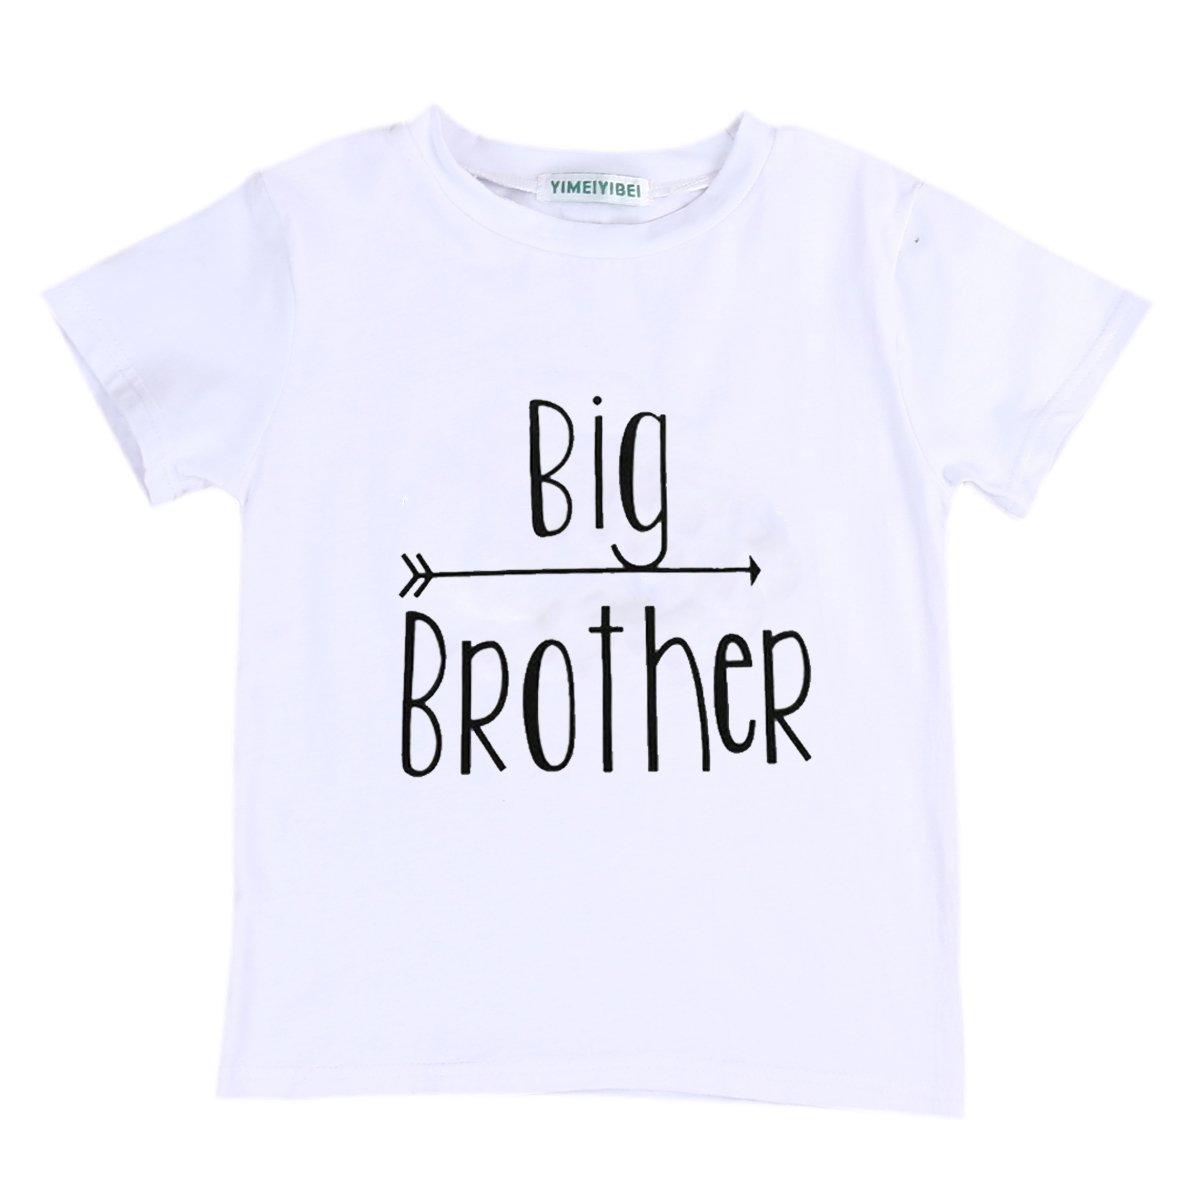 ファッション Little Brother Big & Big Brother Brother B06XYQCKKS & Little Sister矢印パターン印刷ロンパース& TシャツTトップス 4-5 Years Big Brother B06XYQCKKS, 中古タイヤホイールのover drive:e2f7e6e3 --- a0267596.xsph.ru